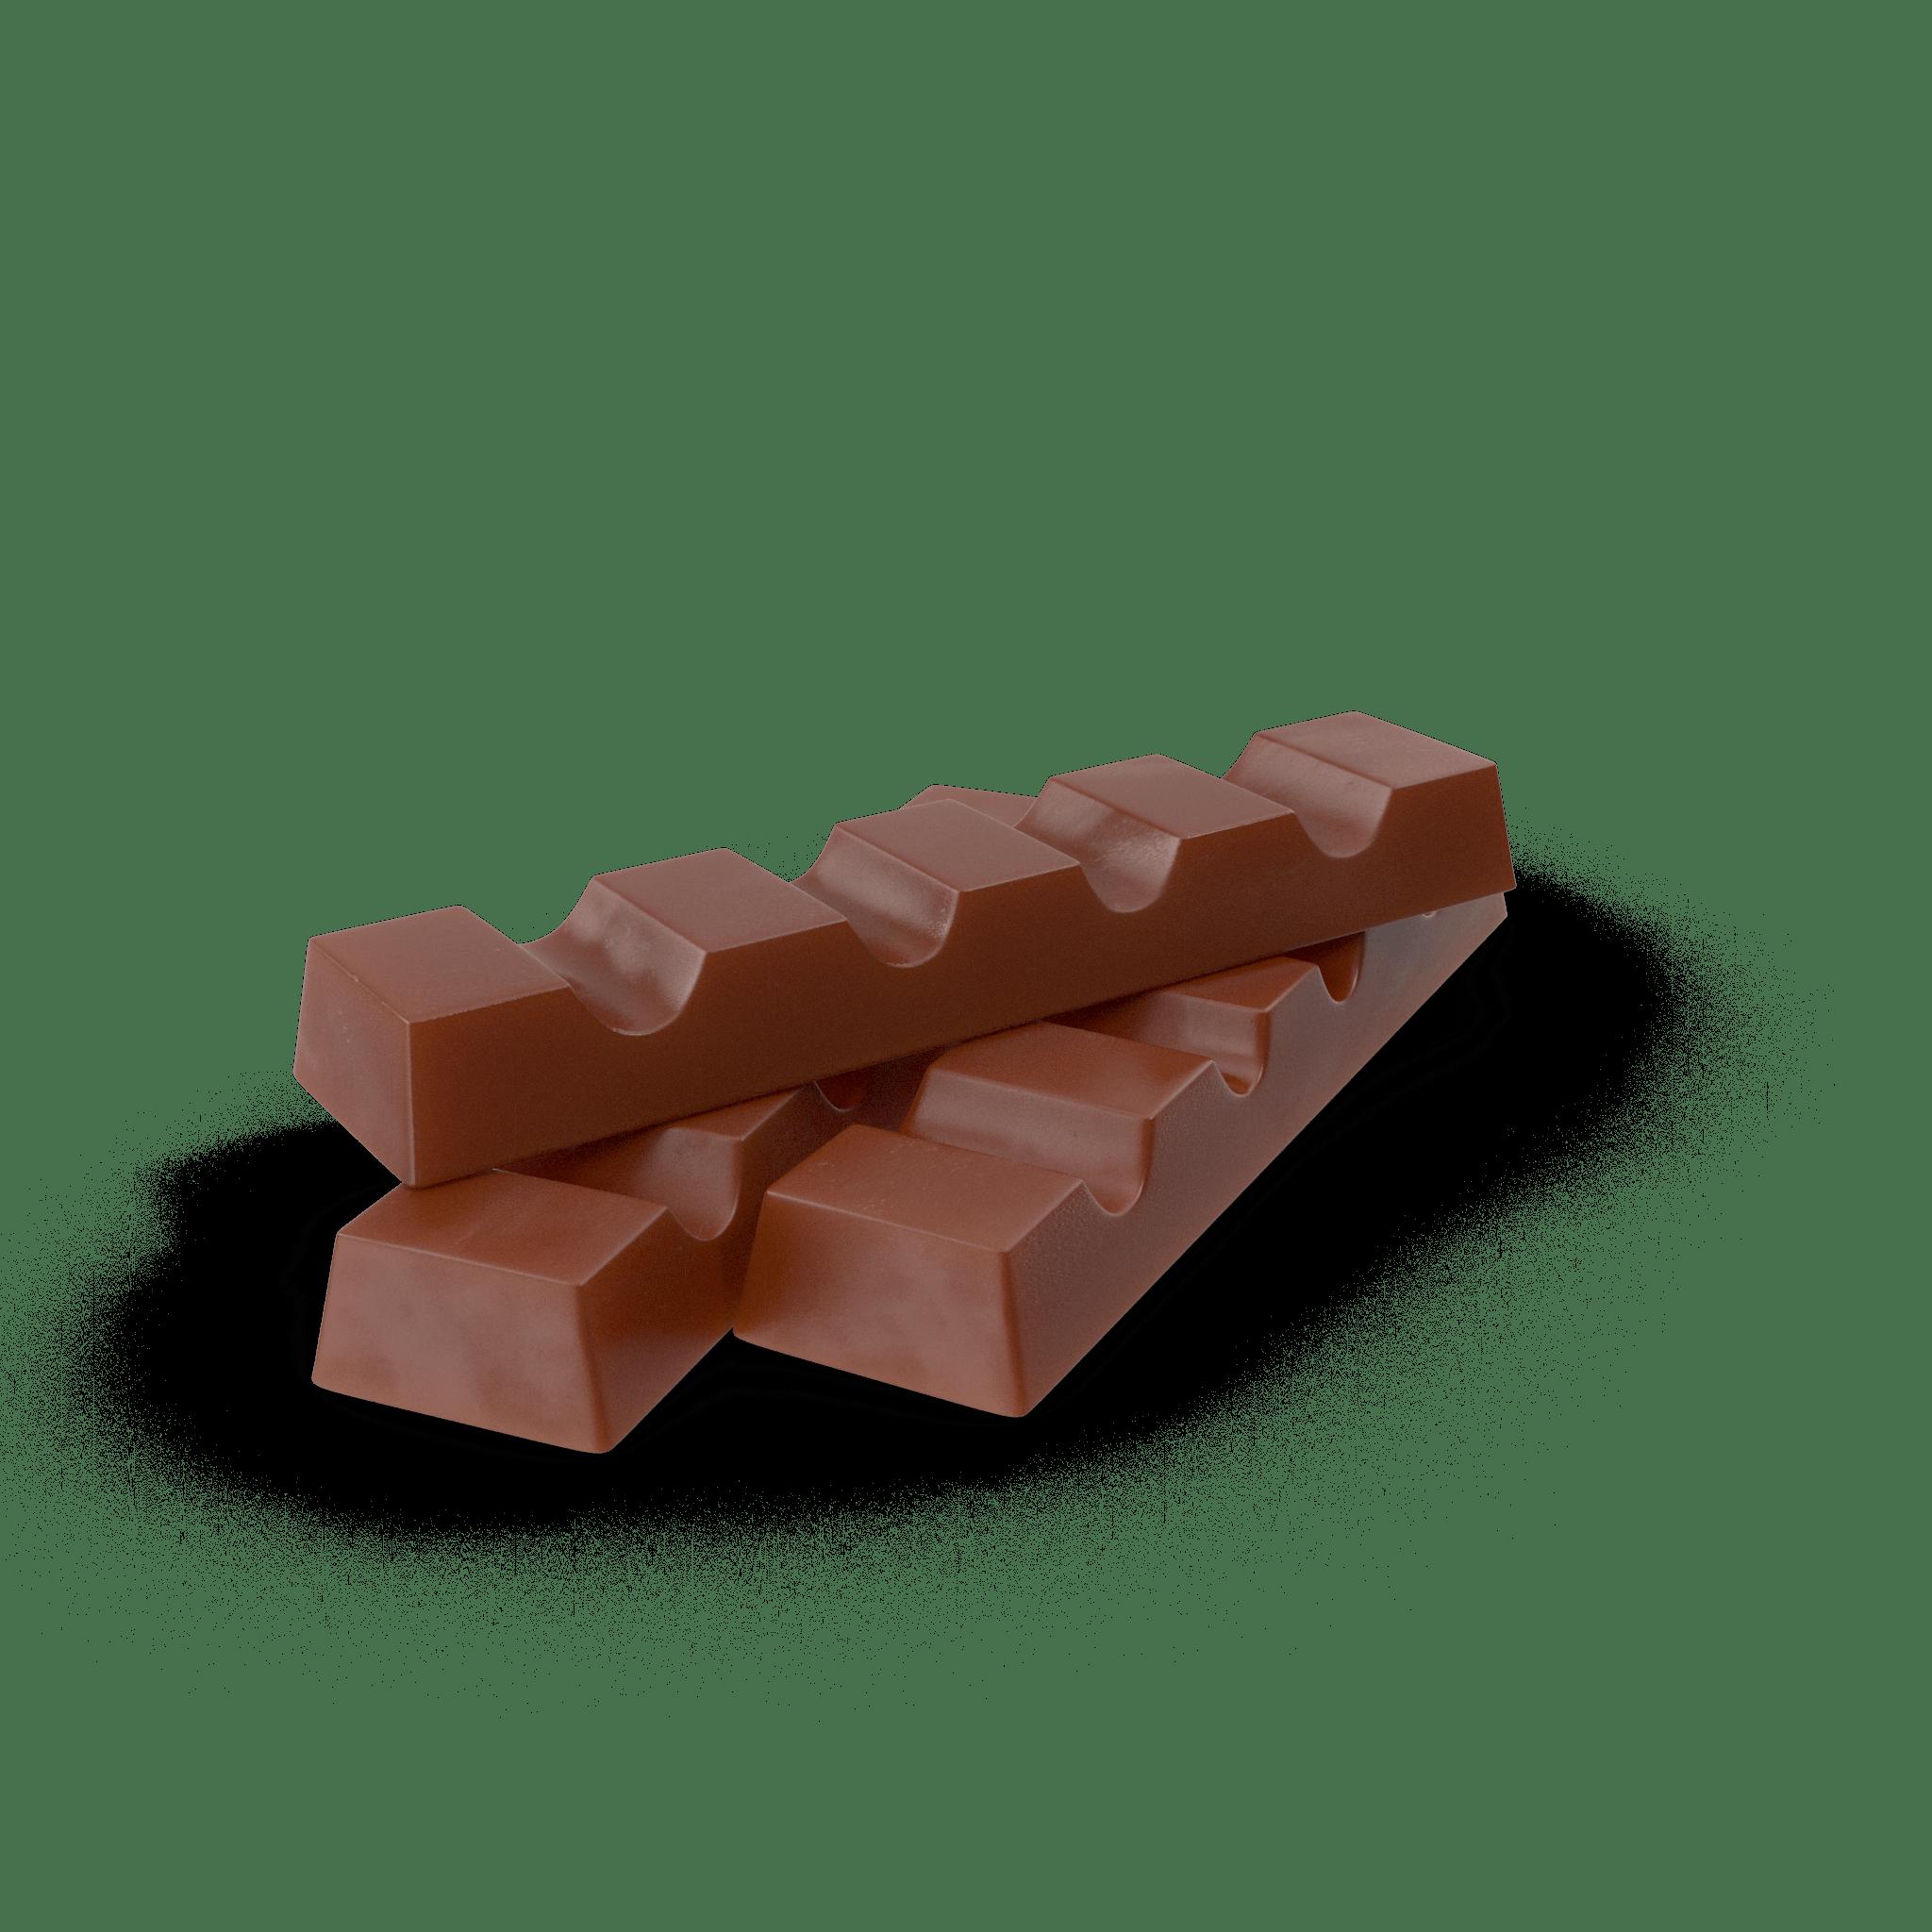 Lo que aprendí sobre inversión a través del precio de una chocolatina